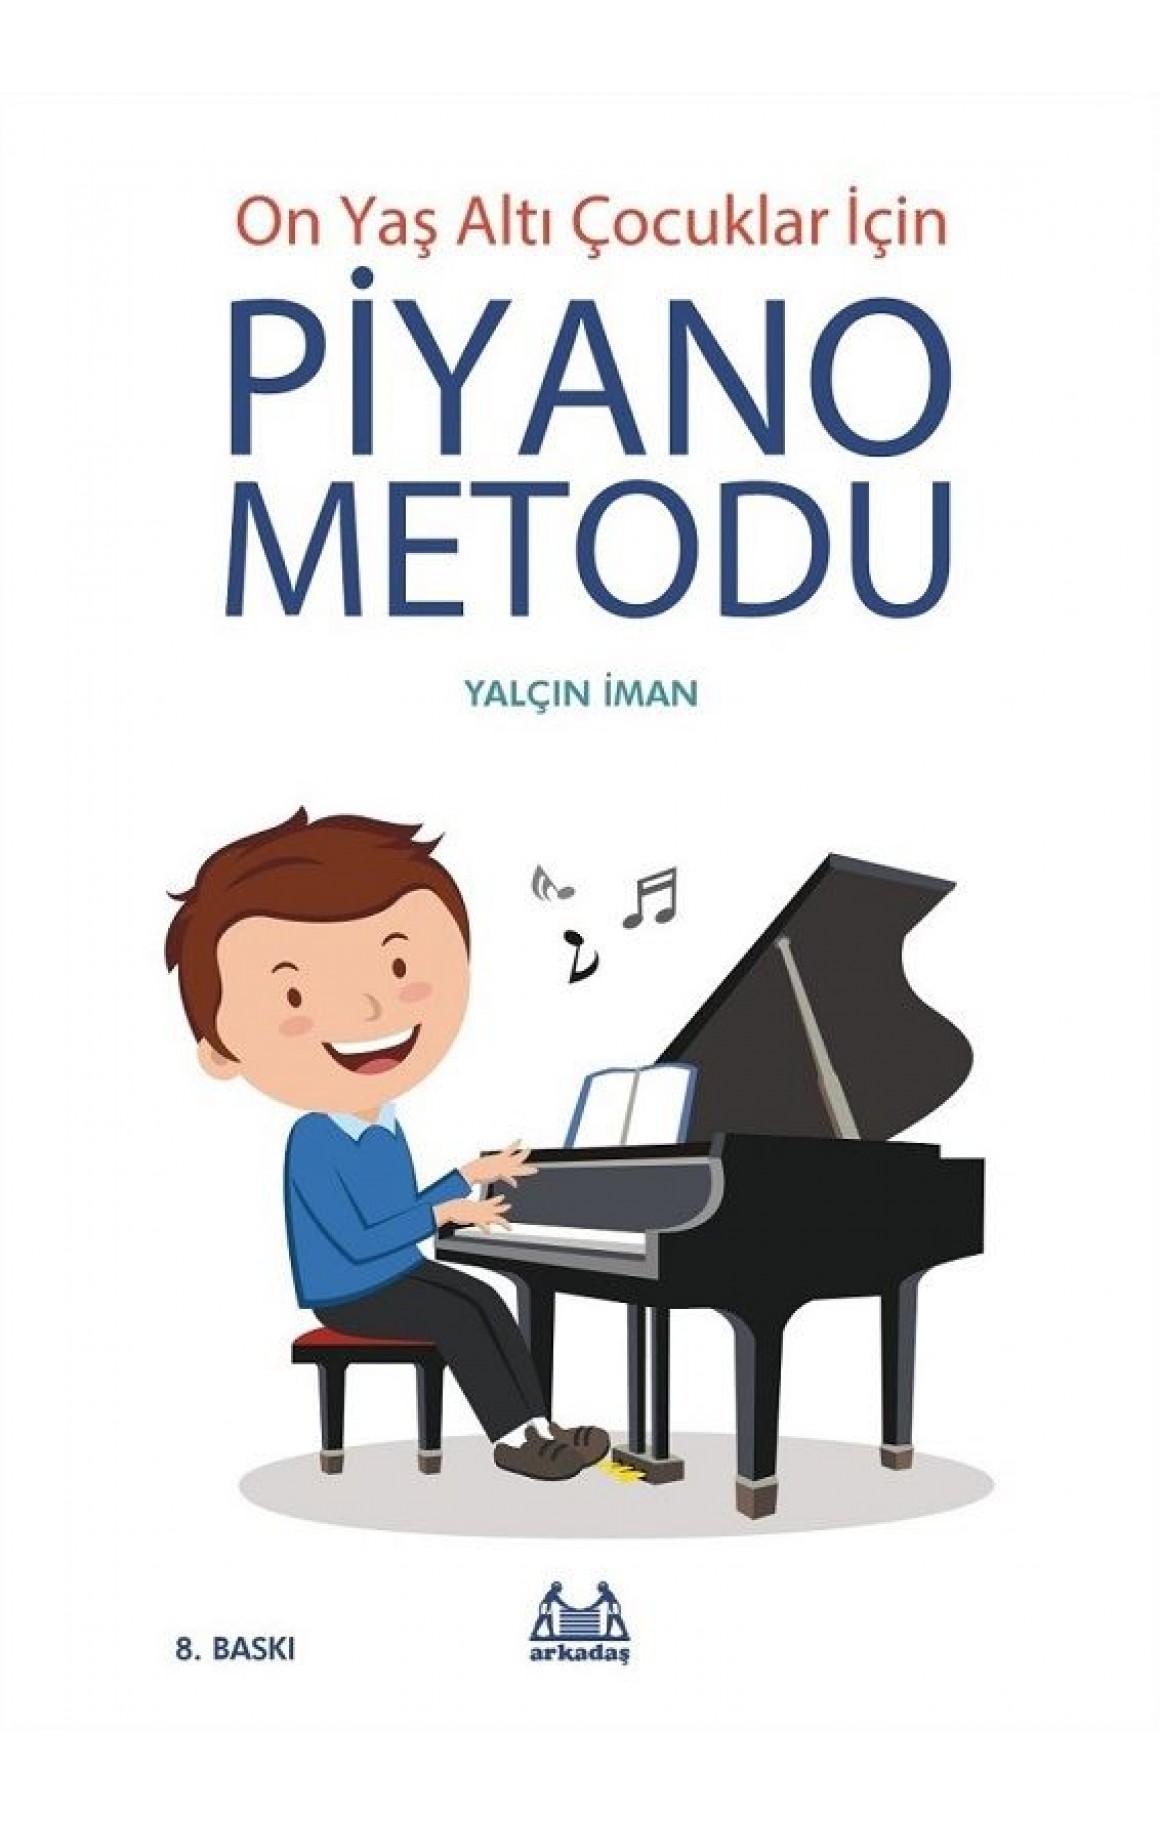 10 Yaş Altı Çocuklar İçin Piyano Metodu